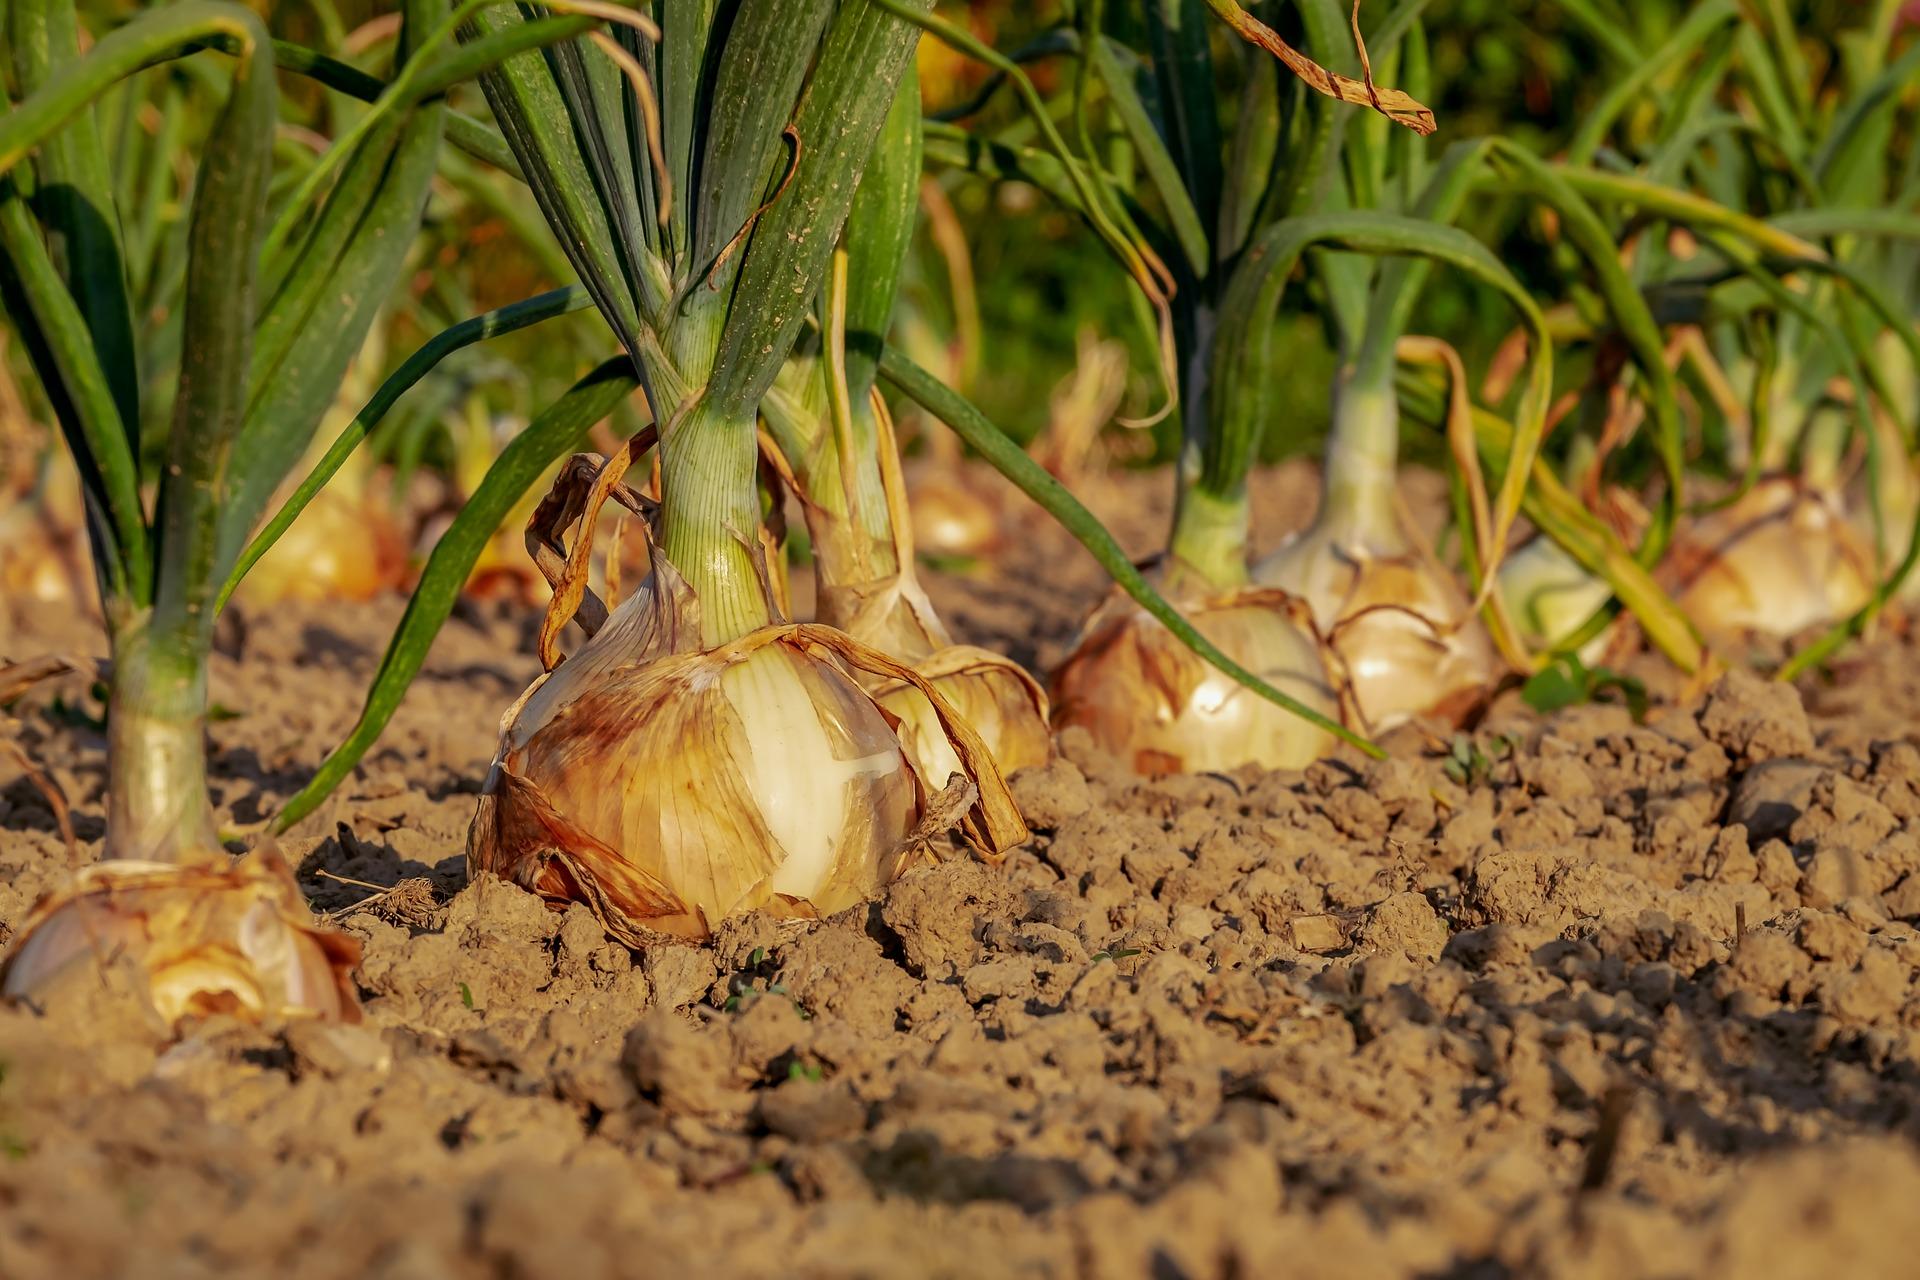 GYCAF onion-3540502_1920